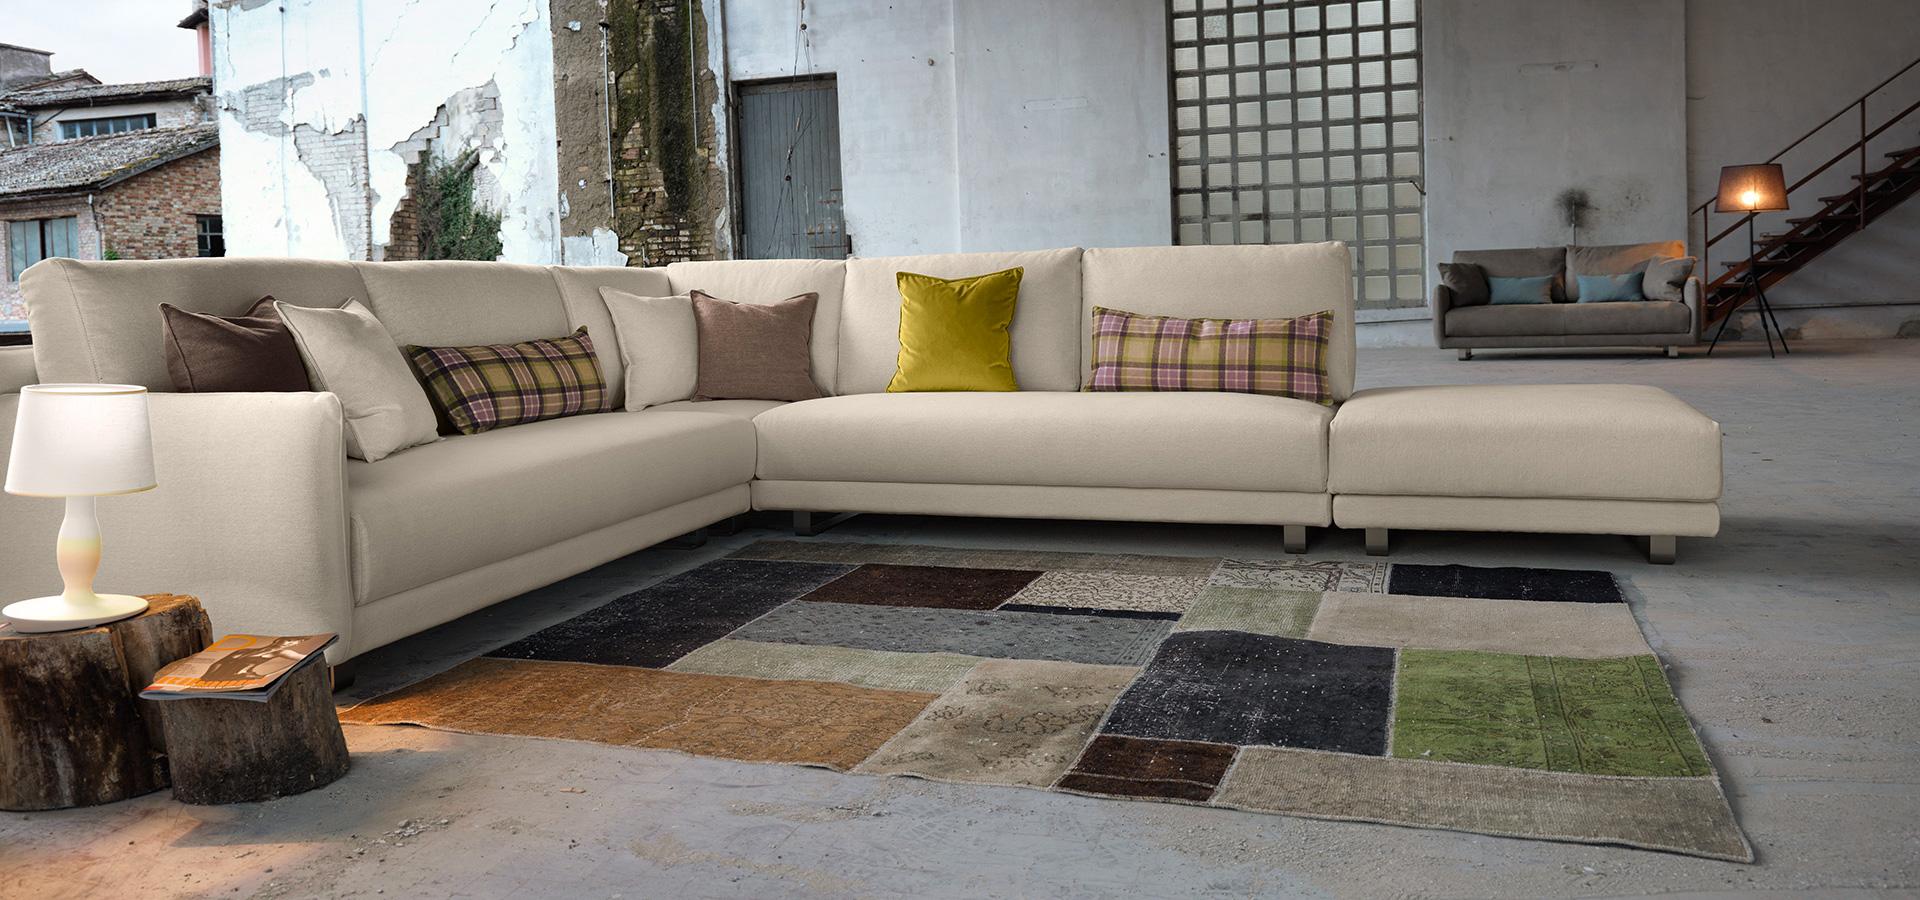 Domingo мебель